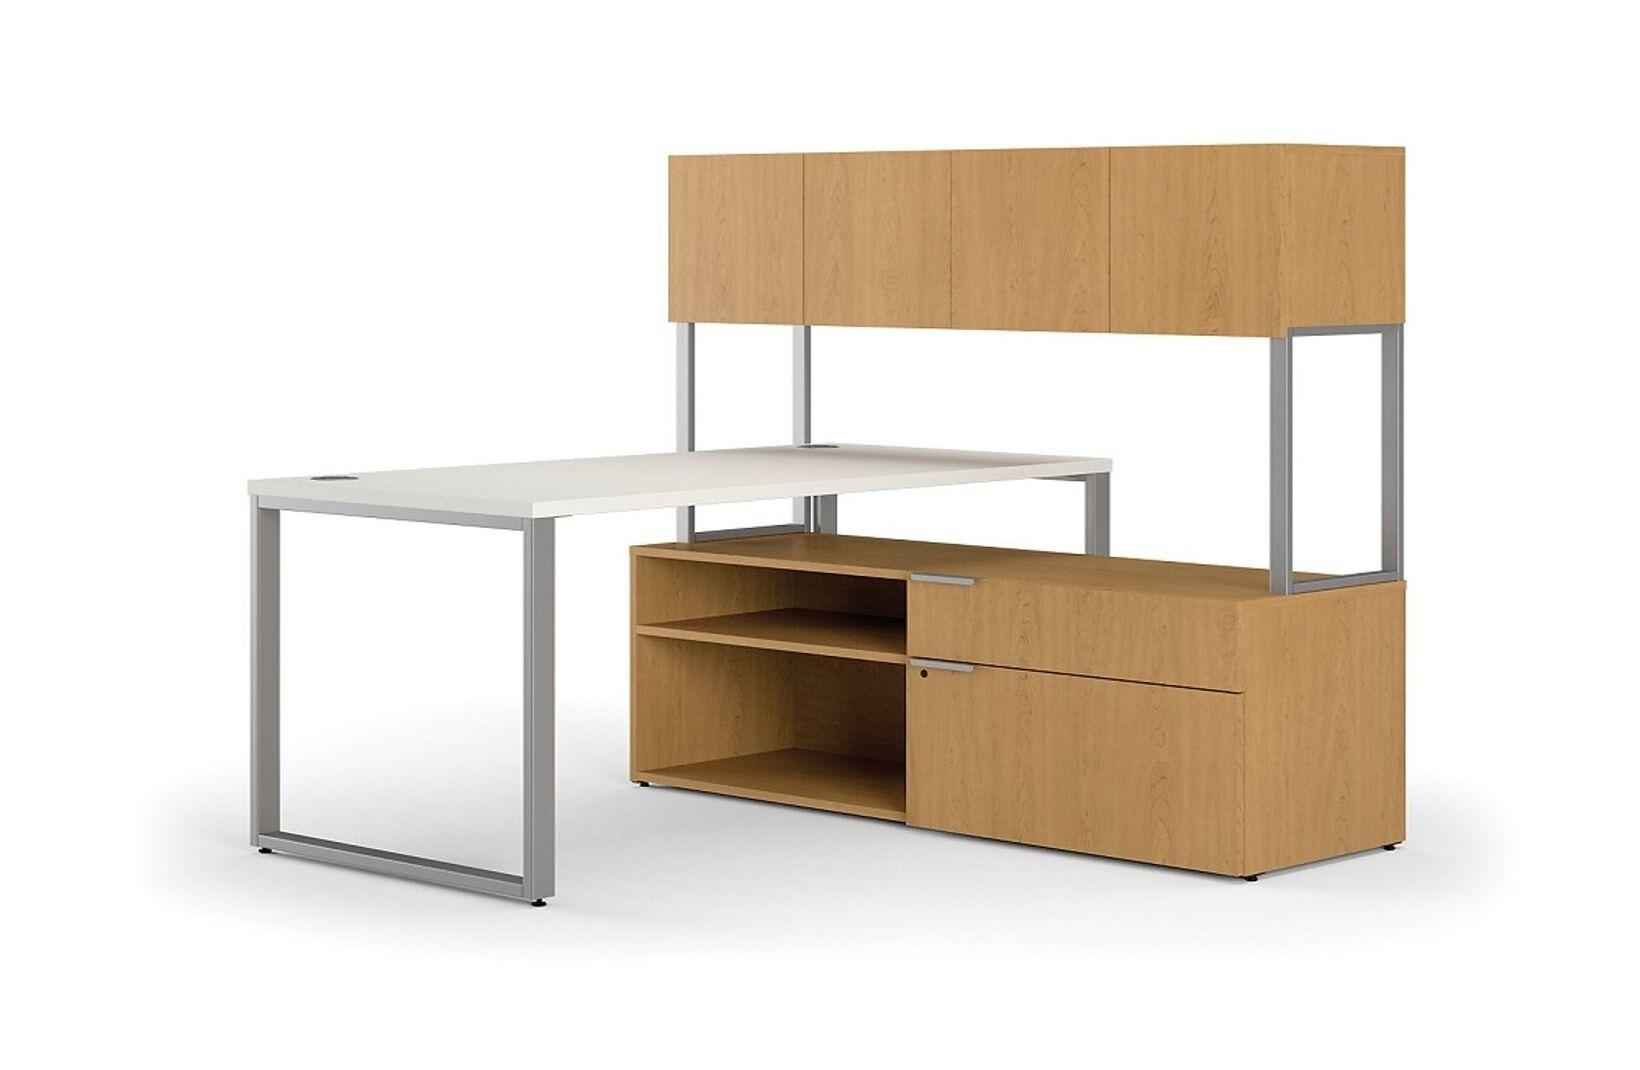 Lshaped Desks Modern L Shaped Office Desk_preview